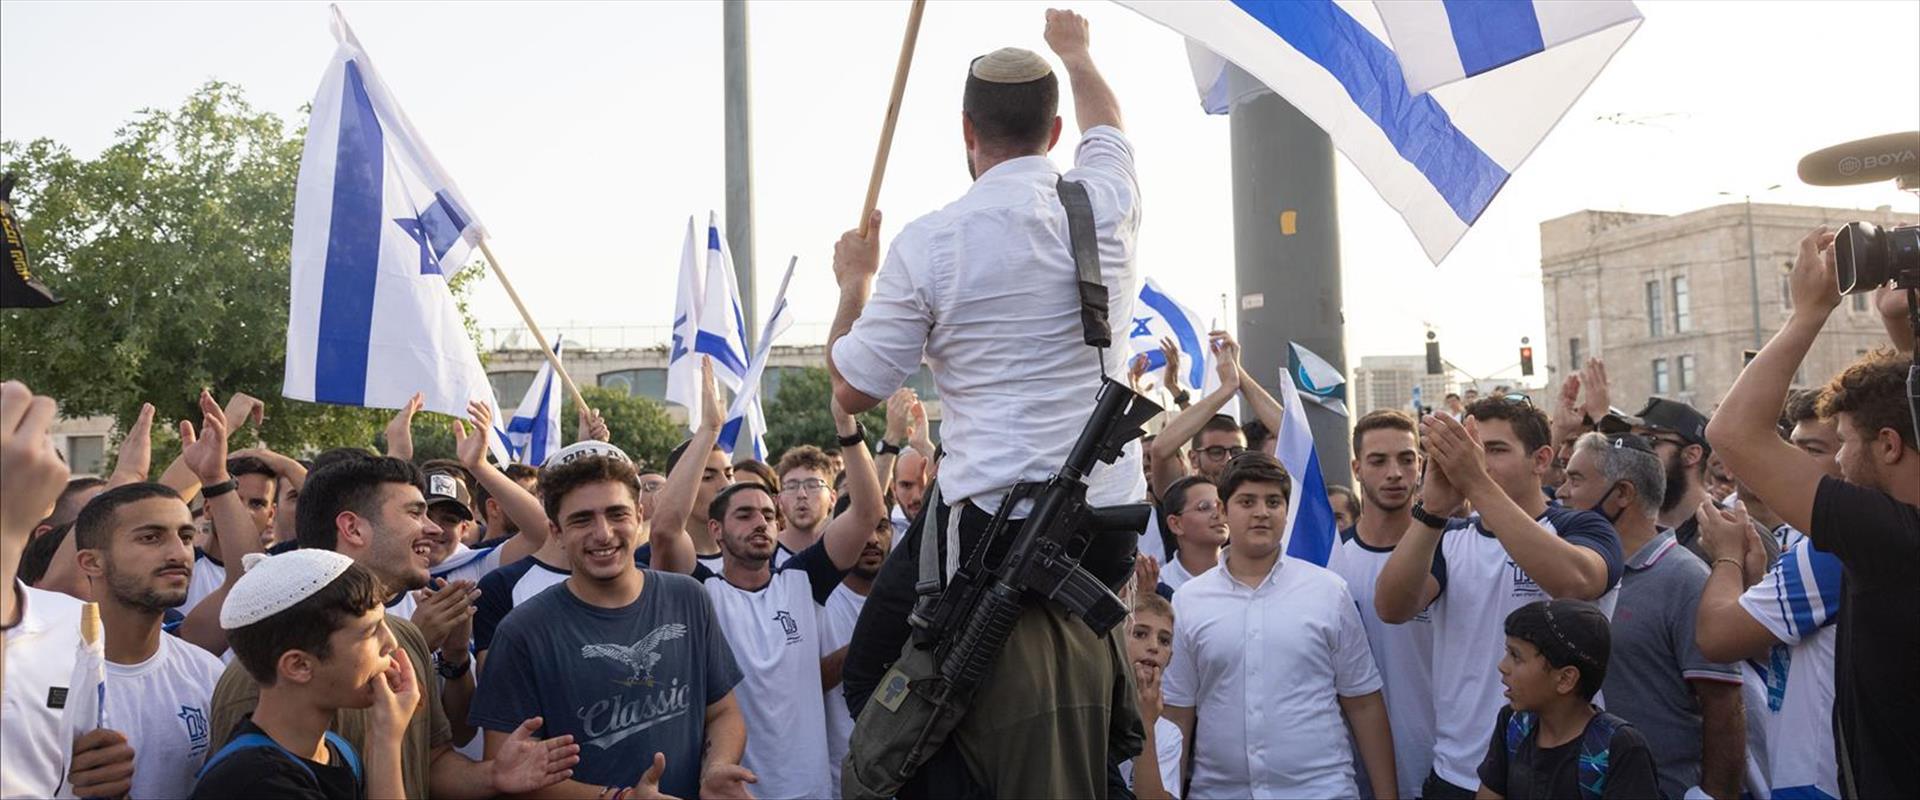 מצעד הדגלים בירושלים, בחודש שעבר